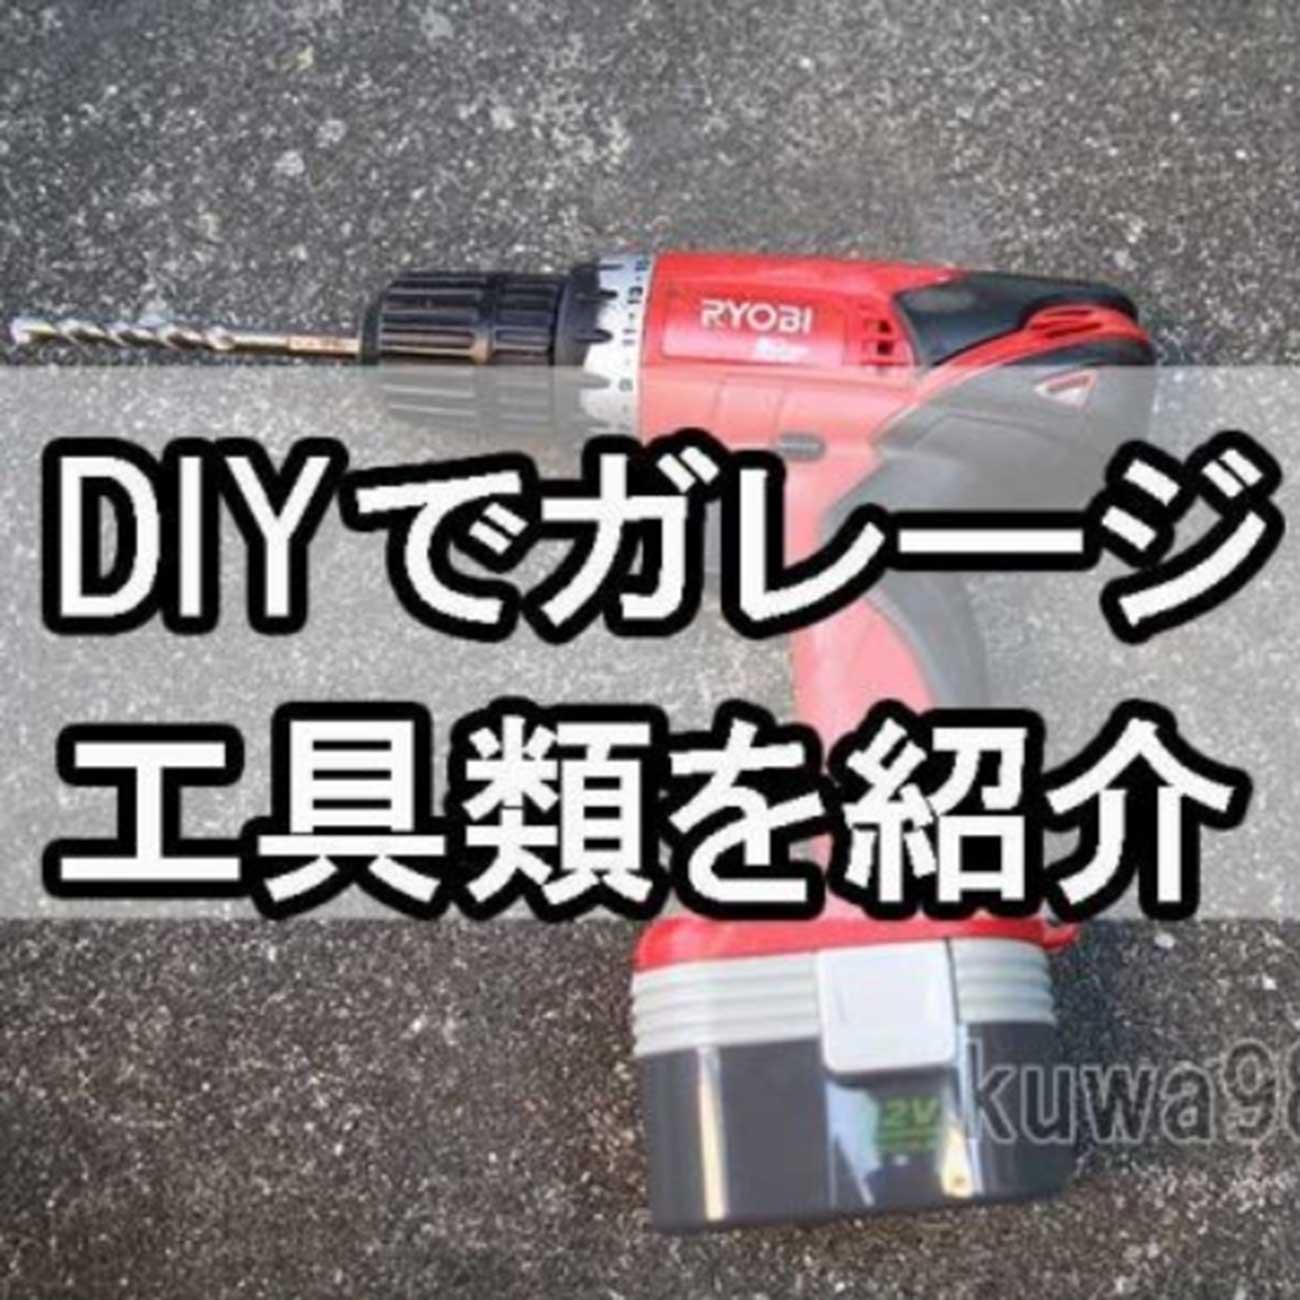 DIY工具 アイキャッチ